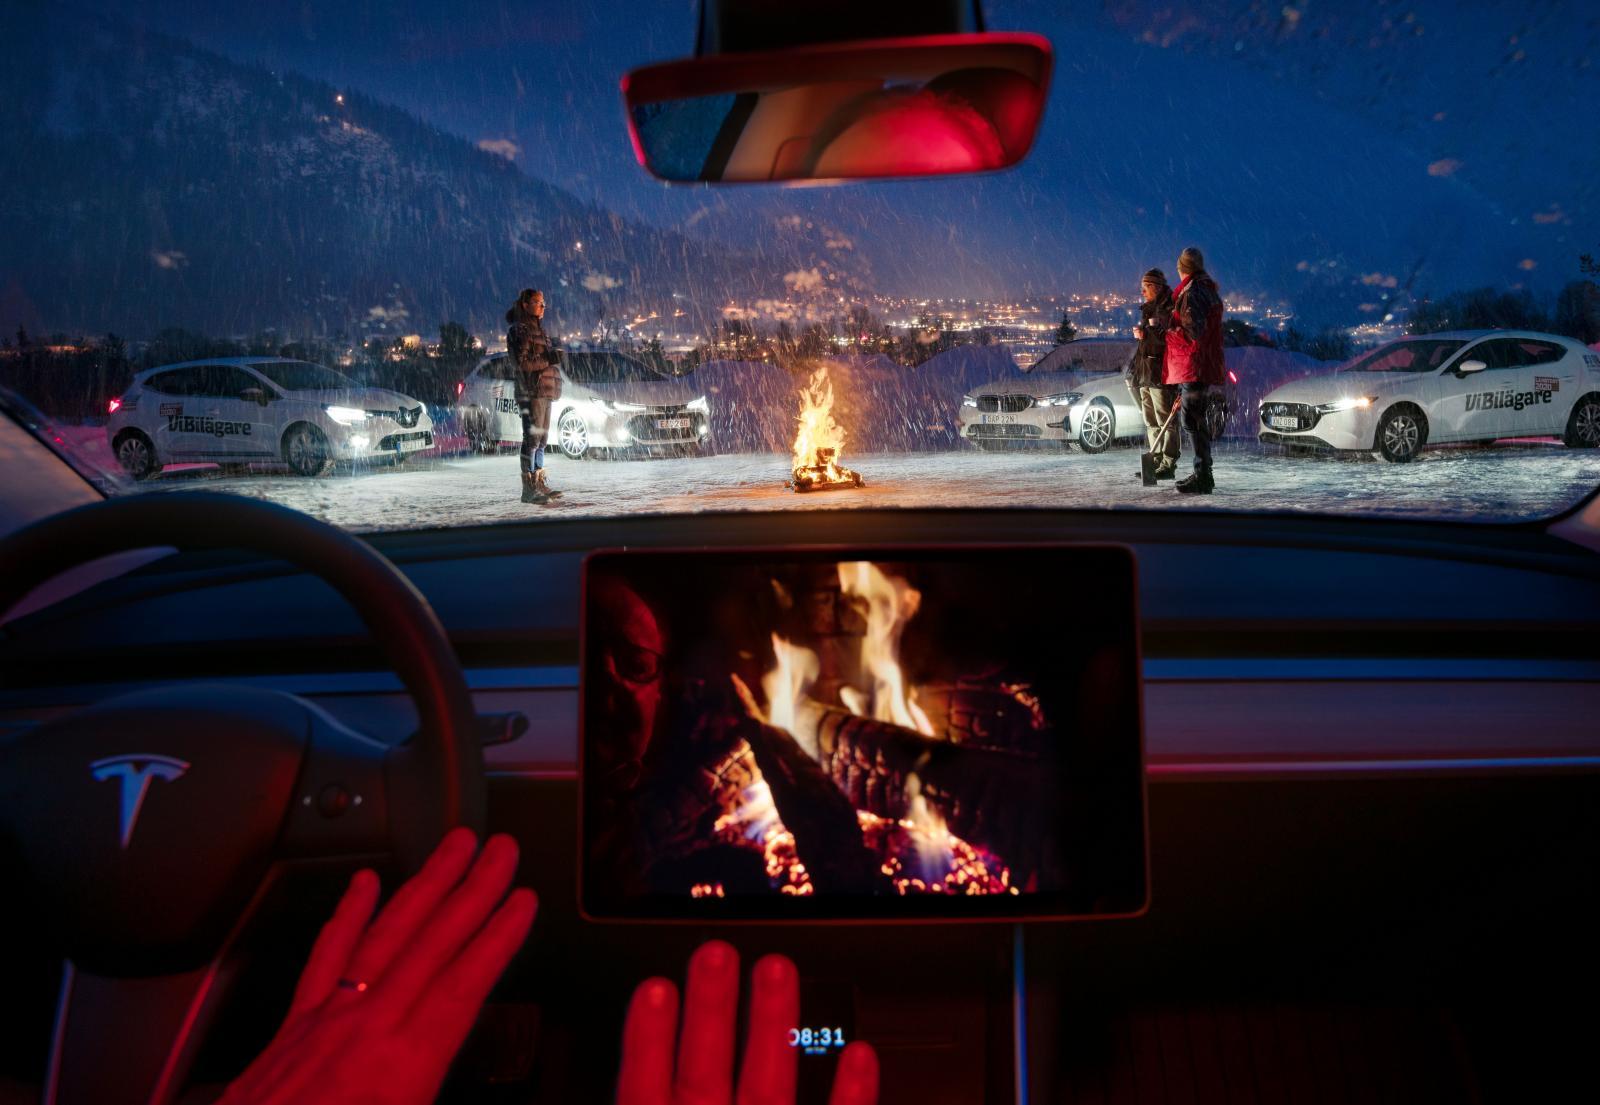 Att sitta och vänta i bilen är mysigast i Tesla som kan bjuda på sprakande brasljud och maximal kupévärme. Det finns även inbyggt Netflix.